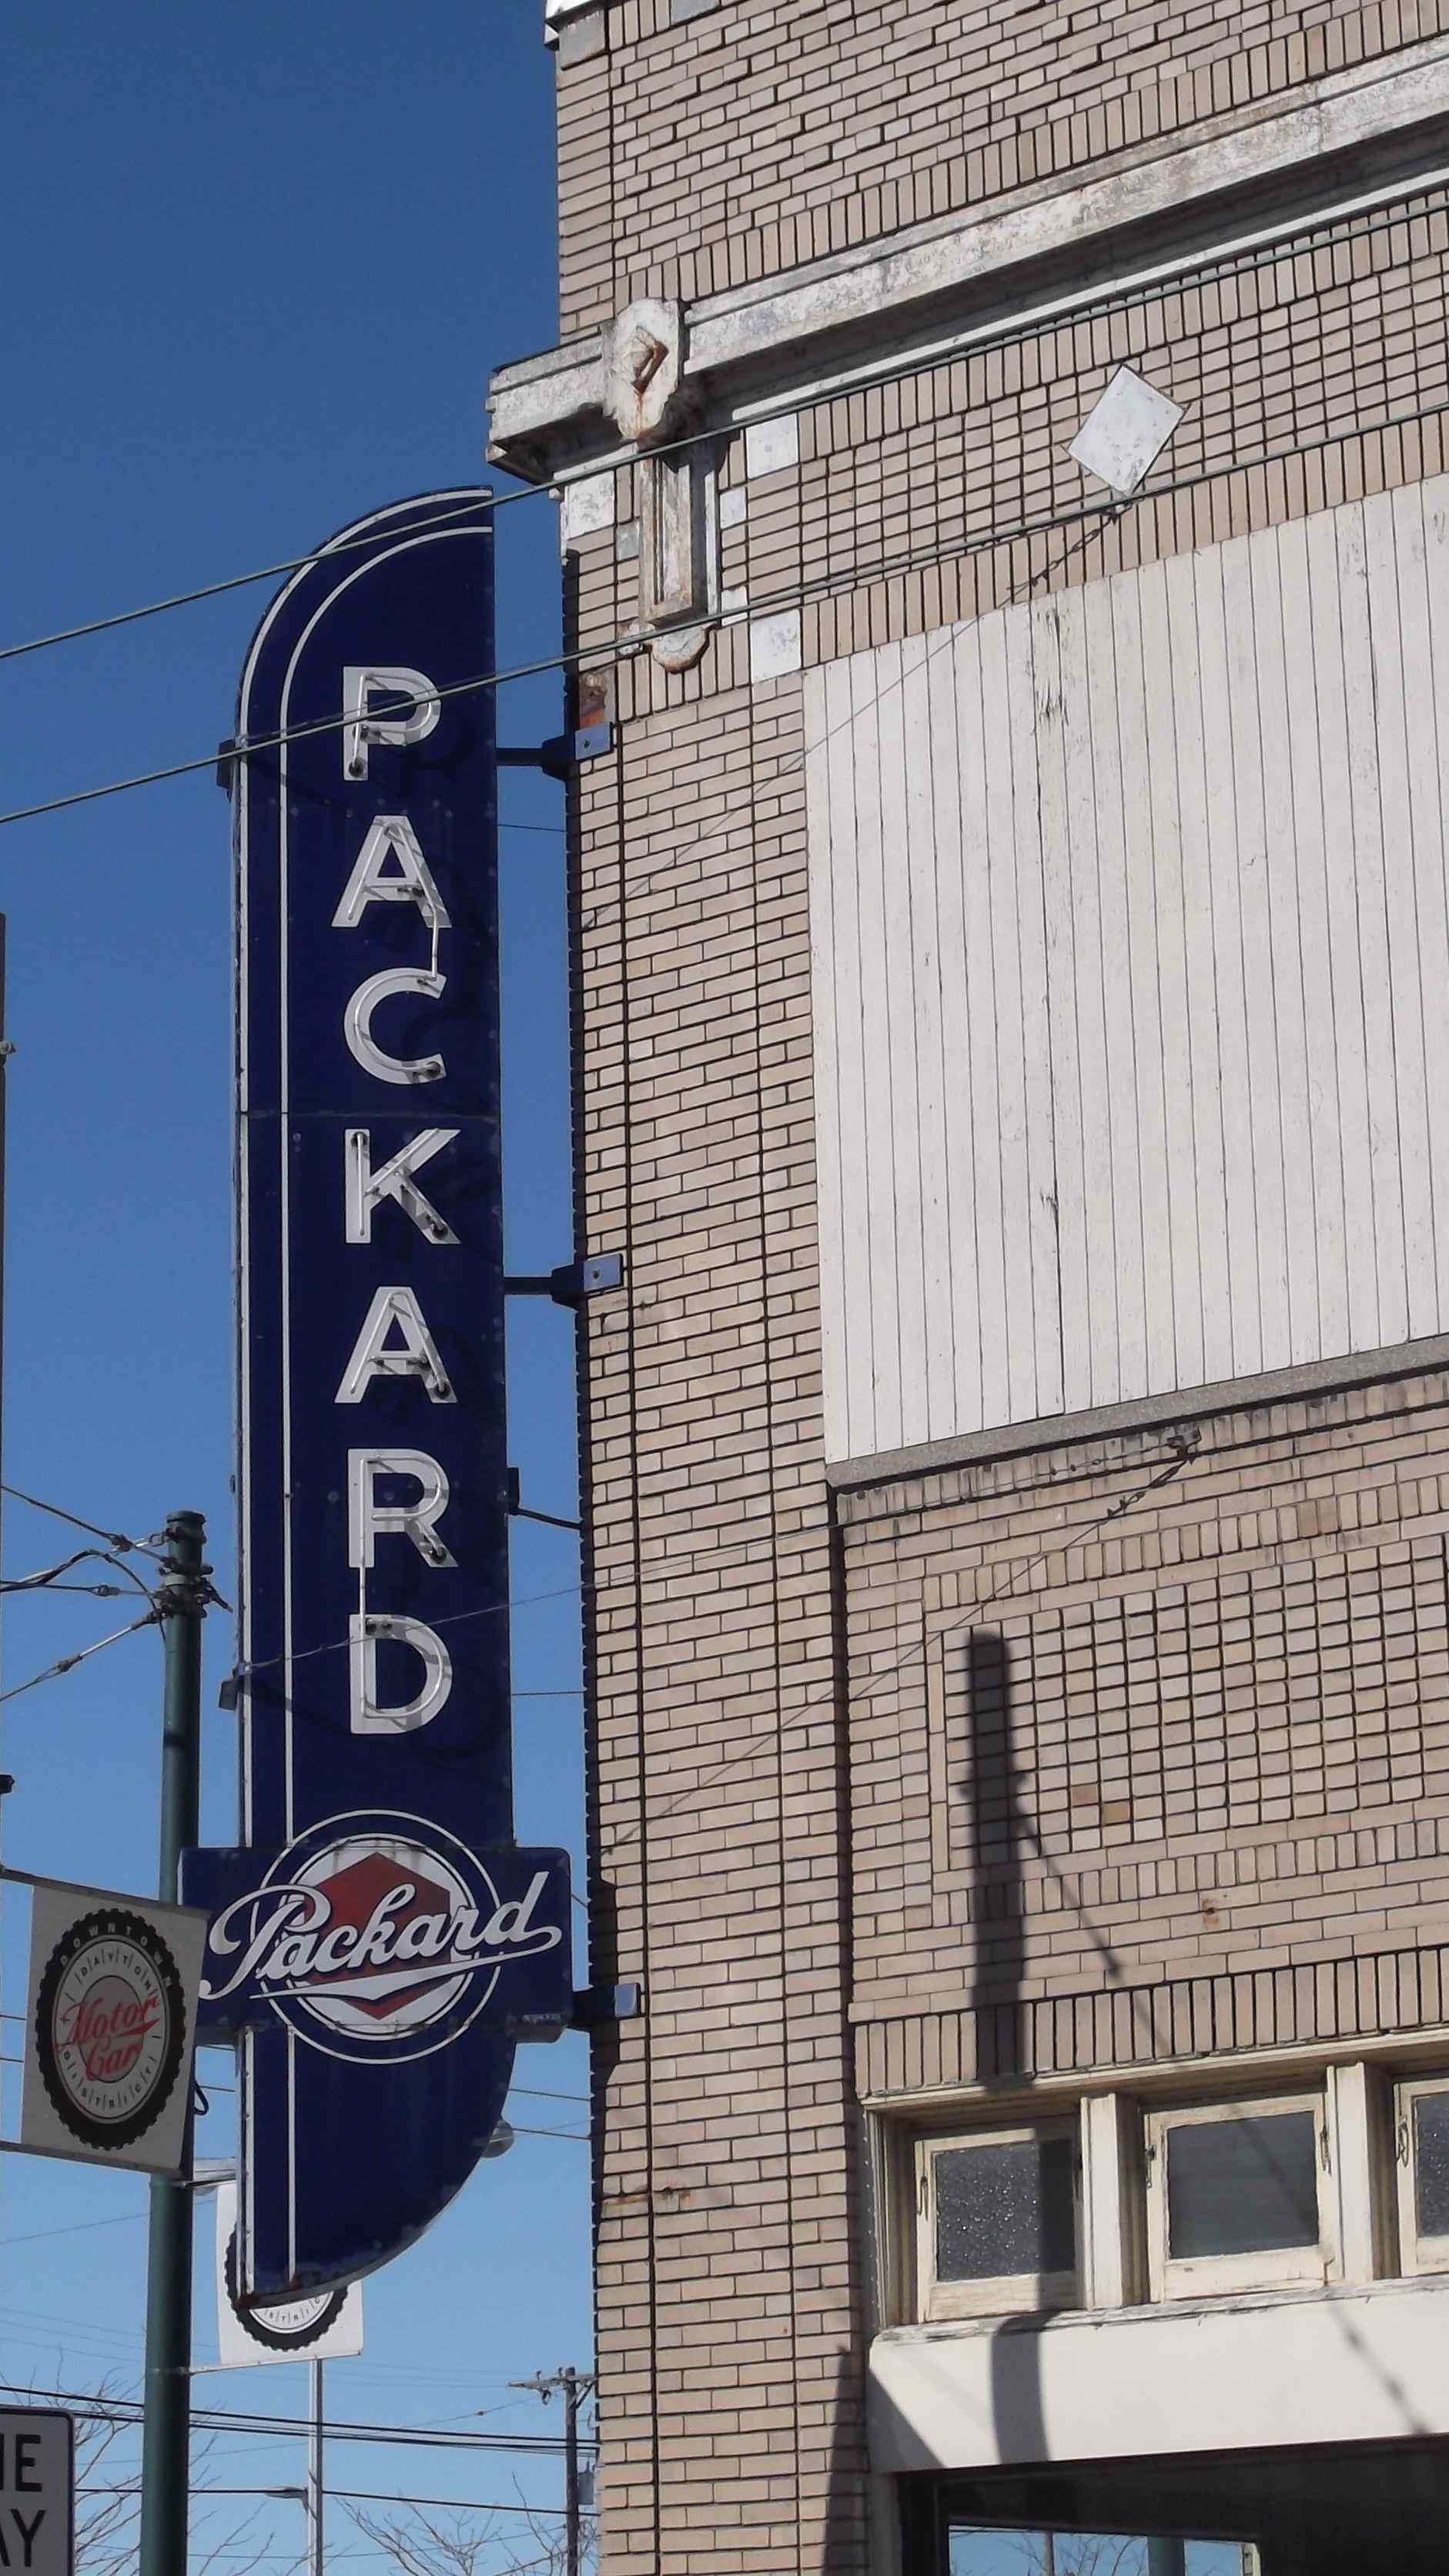 Packard7